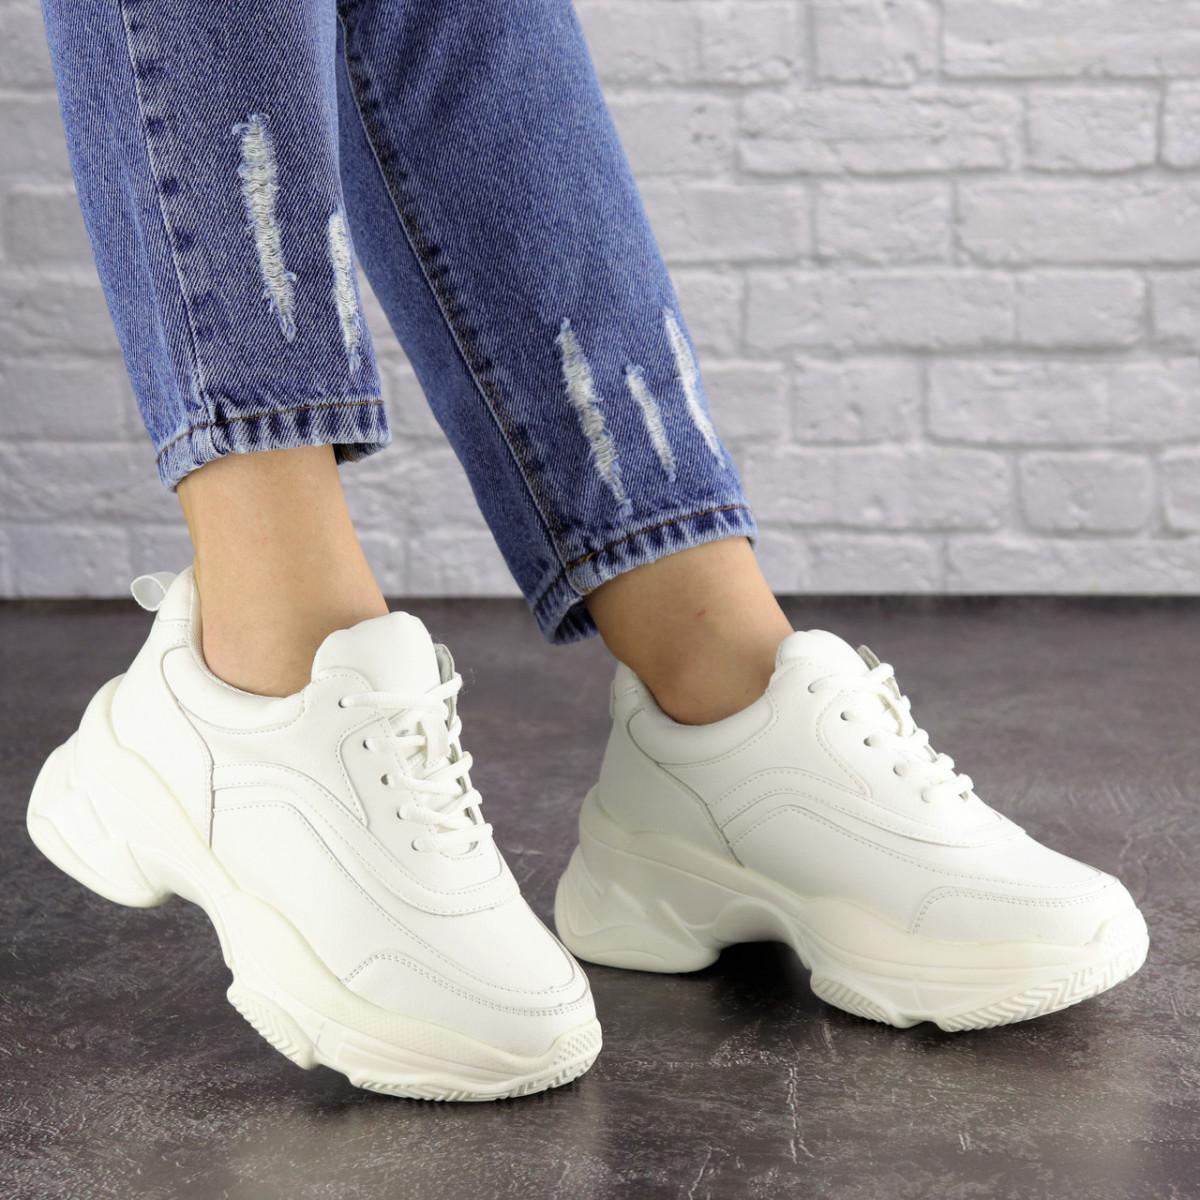 Жіночі кросівки Fashion Vixen 1683 38 розмір 23,5 см Білий